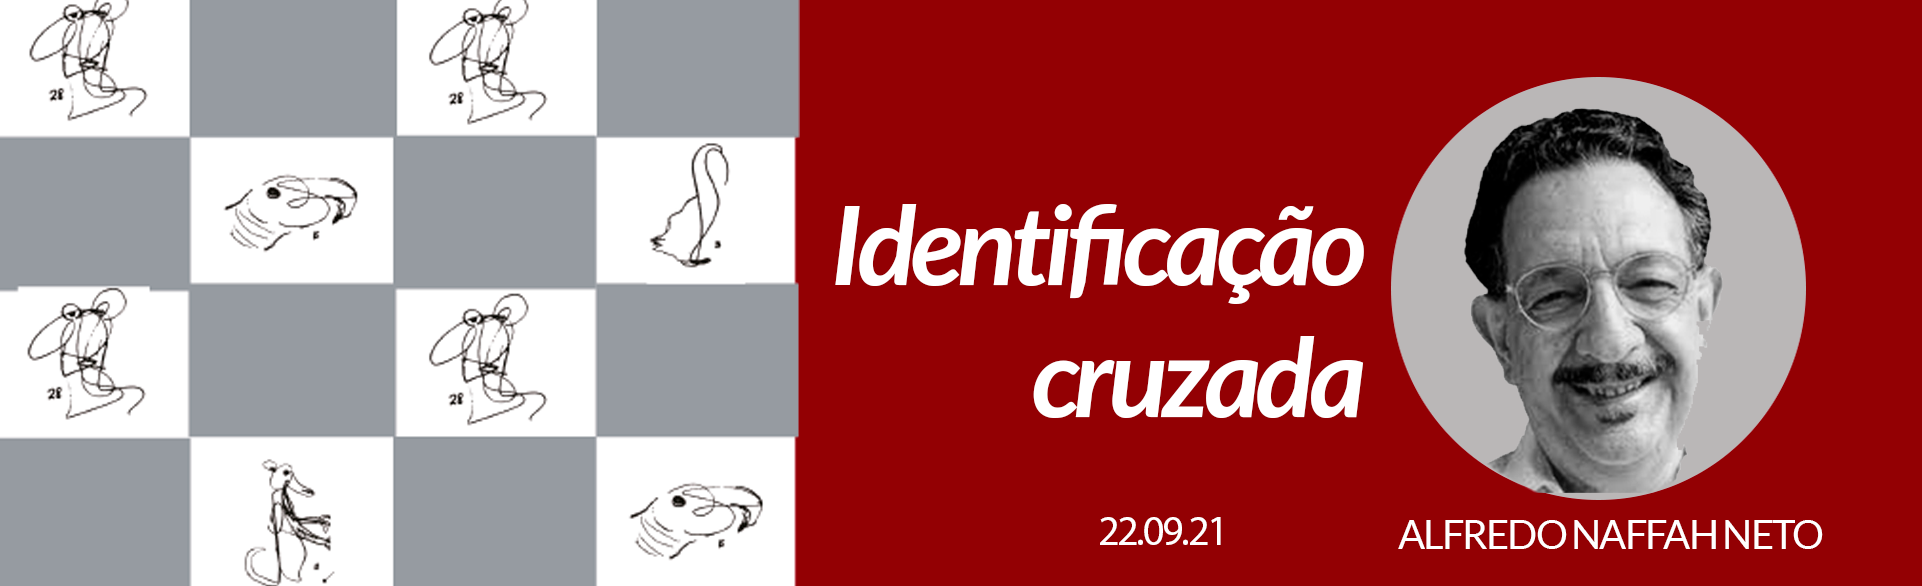 IDENTIFICAÇÃO CRUZADA